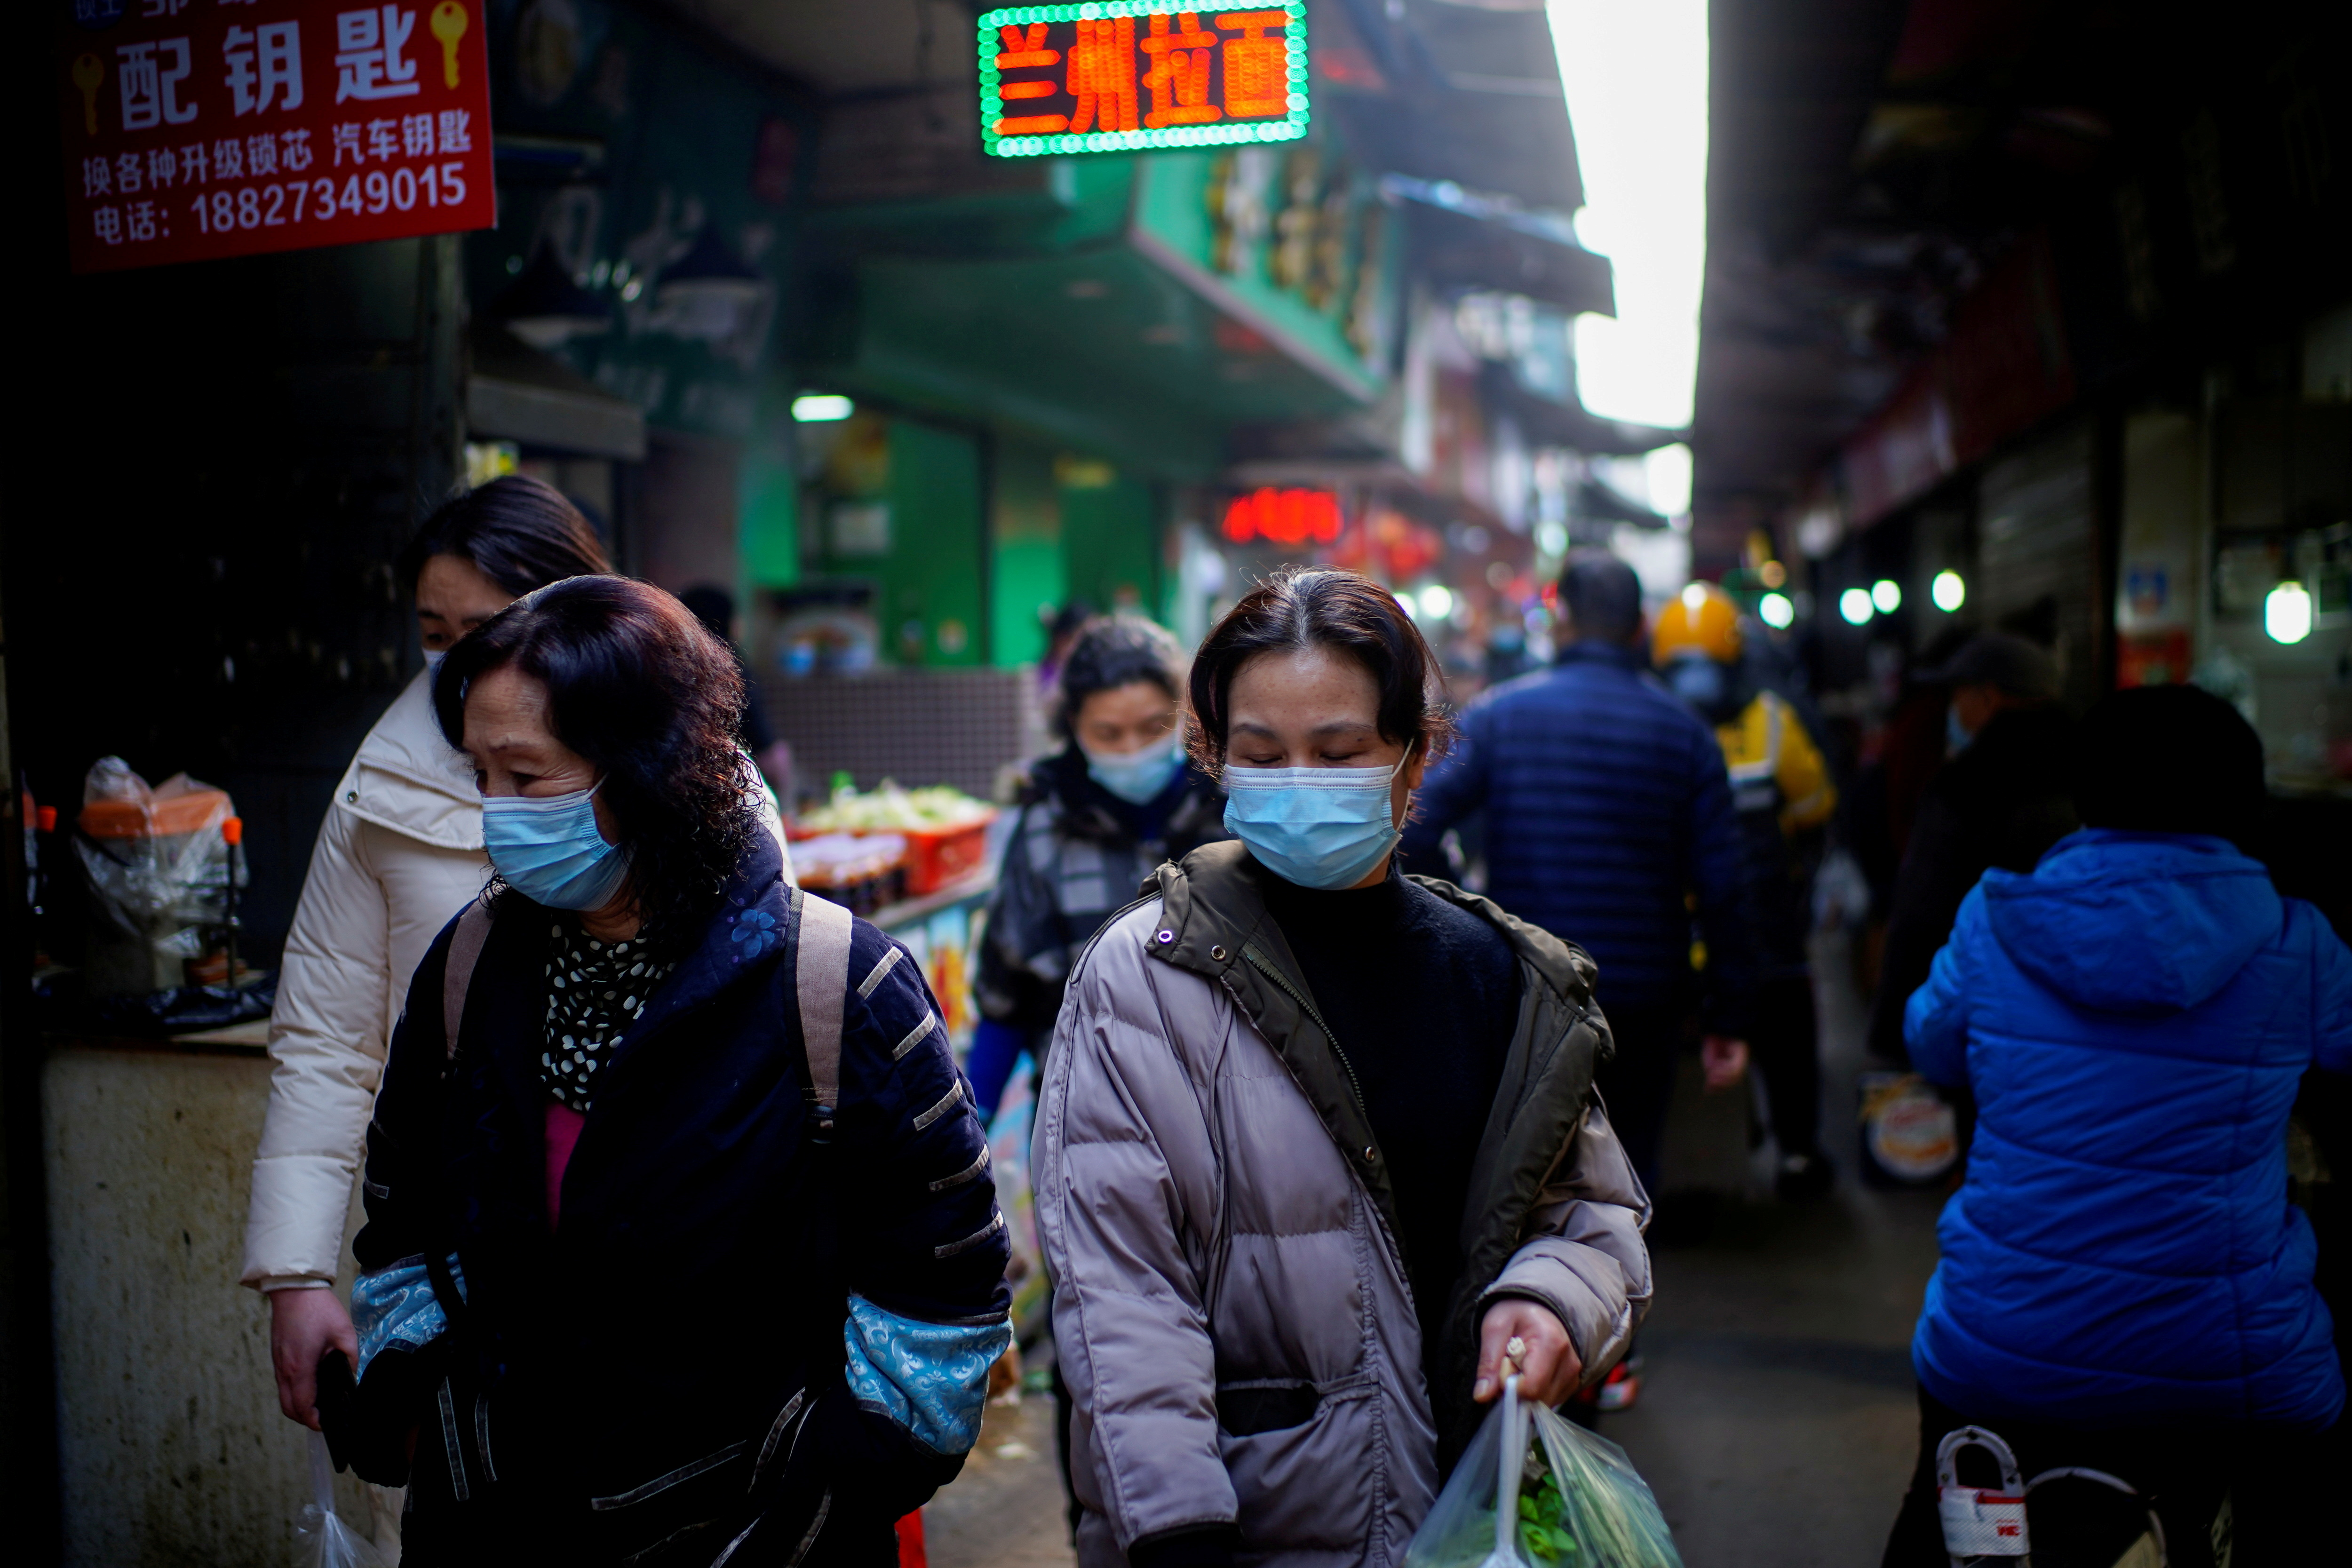 Pessoas usando máscaras caminham em um mercado de rua nos primeiros meses do surto da doença coronavírus (COVID-19) em Wuhan, província de Hubei, China, 8 de fevereiro de 2021. REUTERS / Aly Song / Foto de arquivo